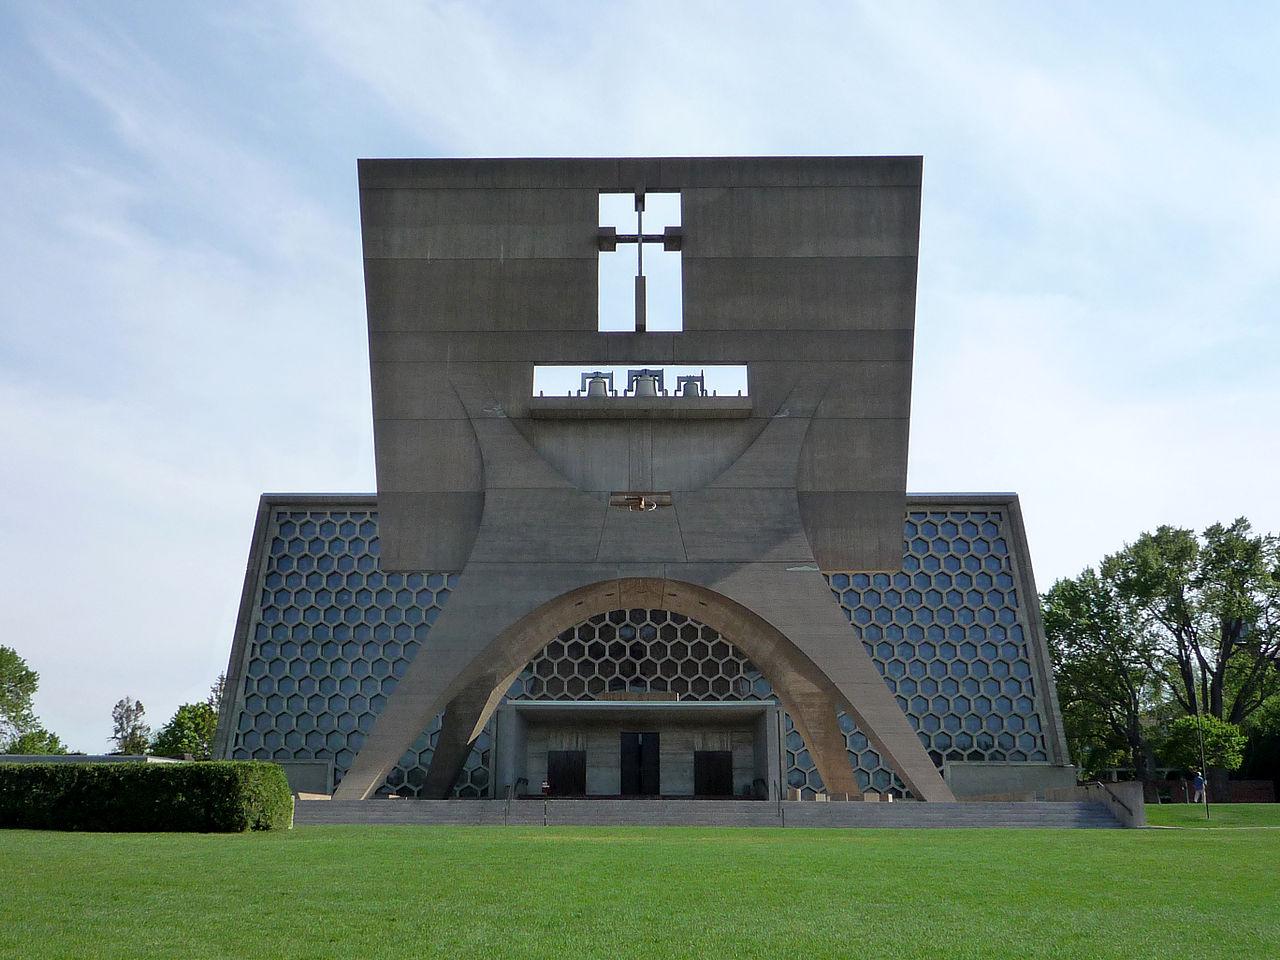 Eglise de 'lAbbaye de Collegeville, réalisée par l'architecte brutaliste Marcel Breuer